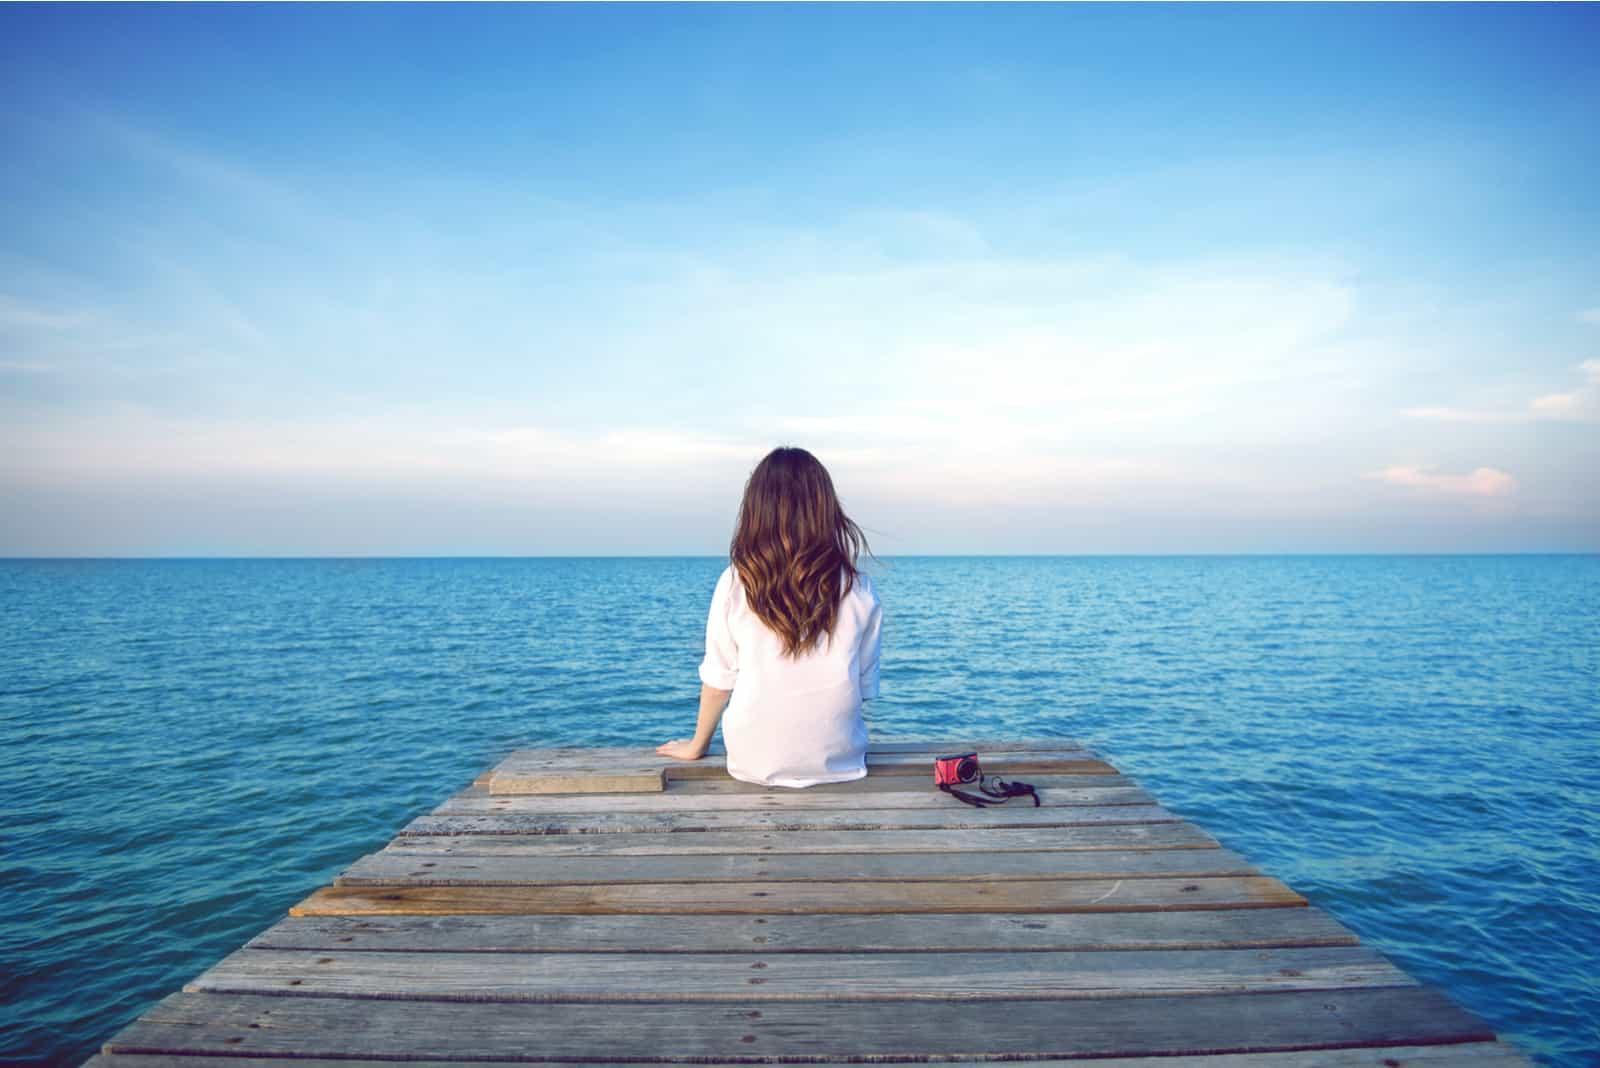 la femme est assise sur la jetée et regarde la mer